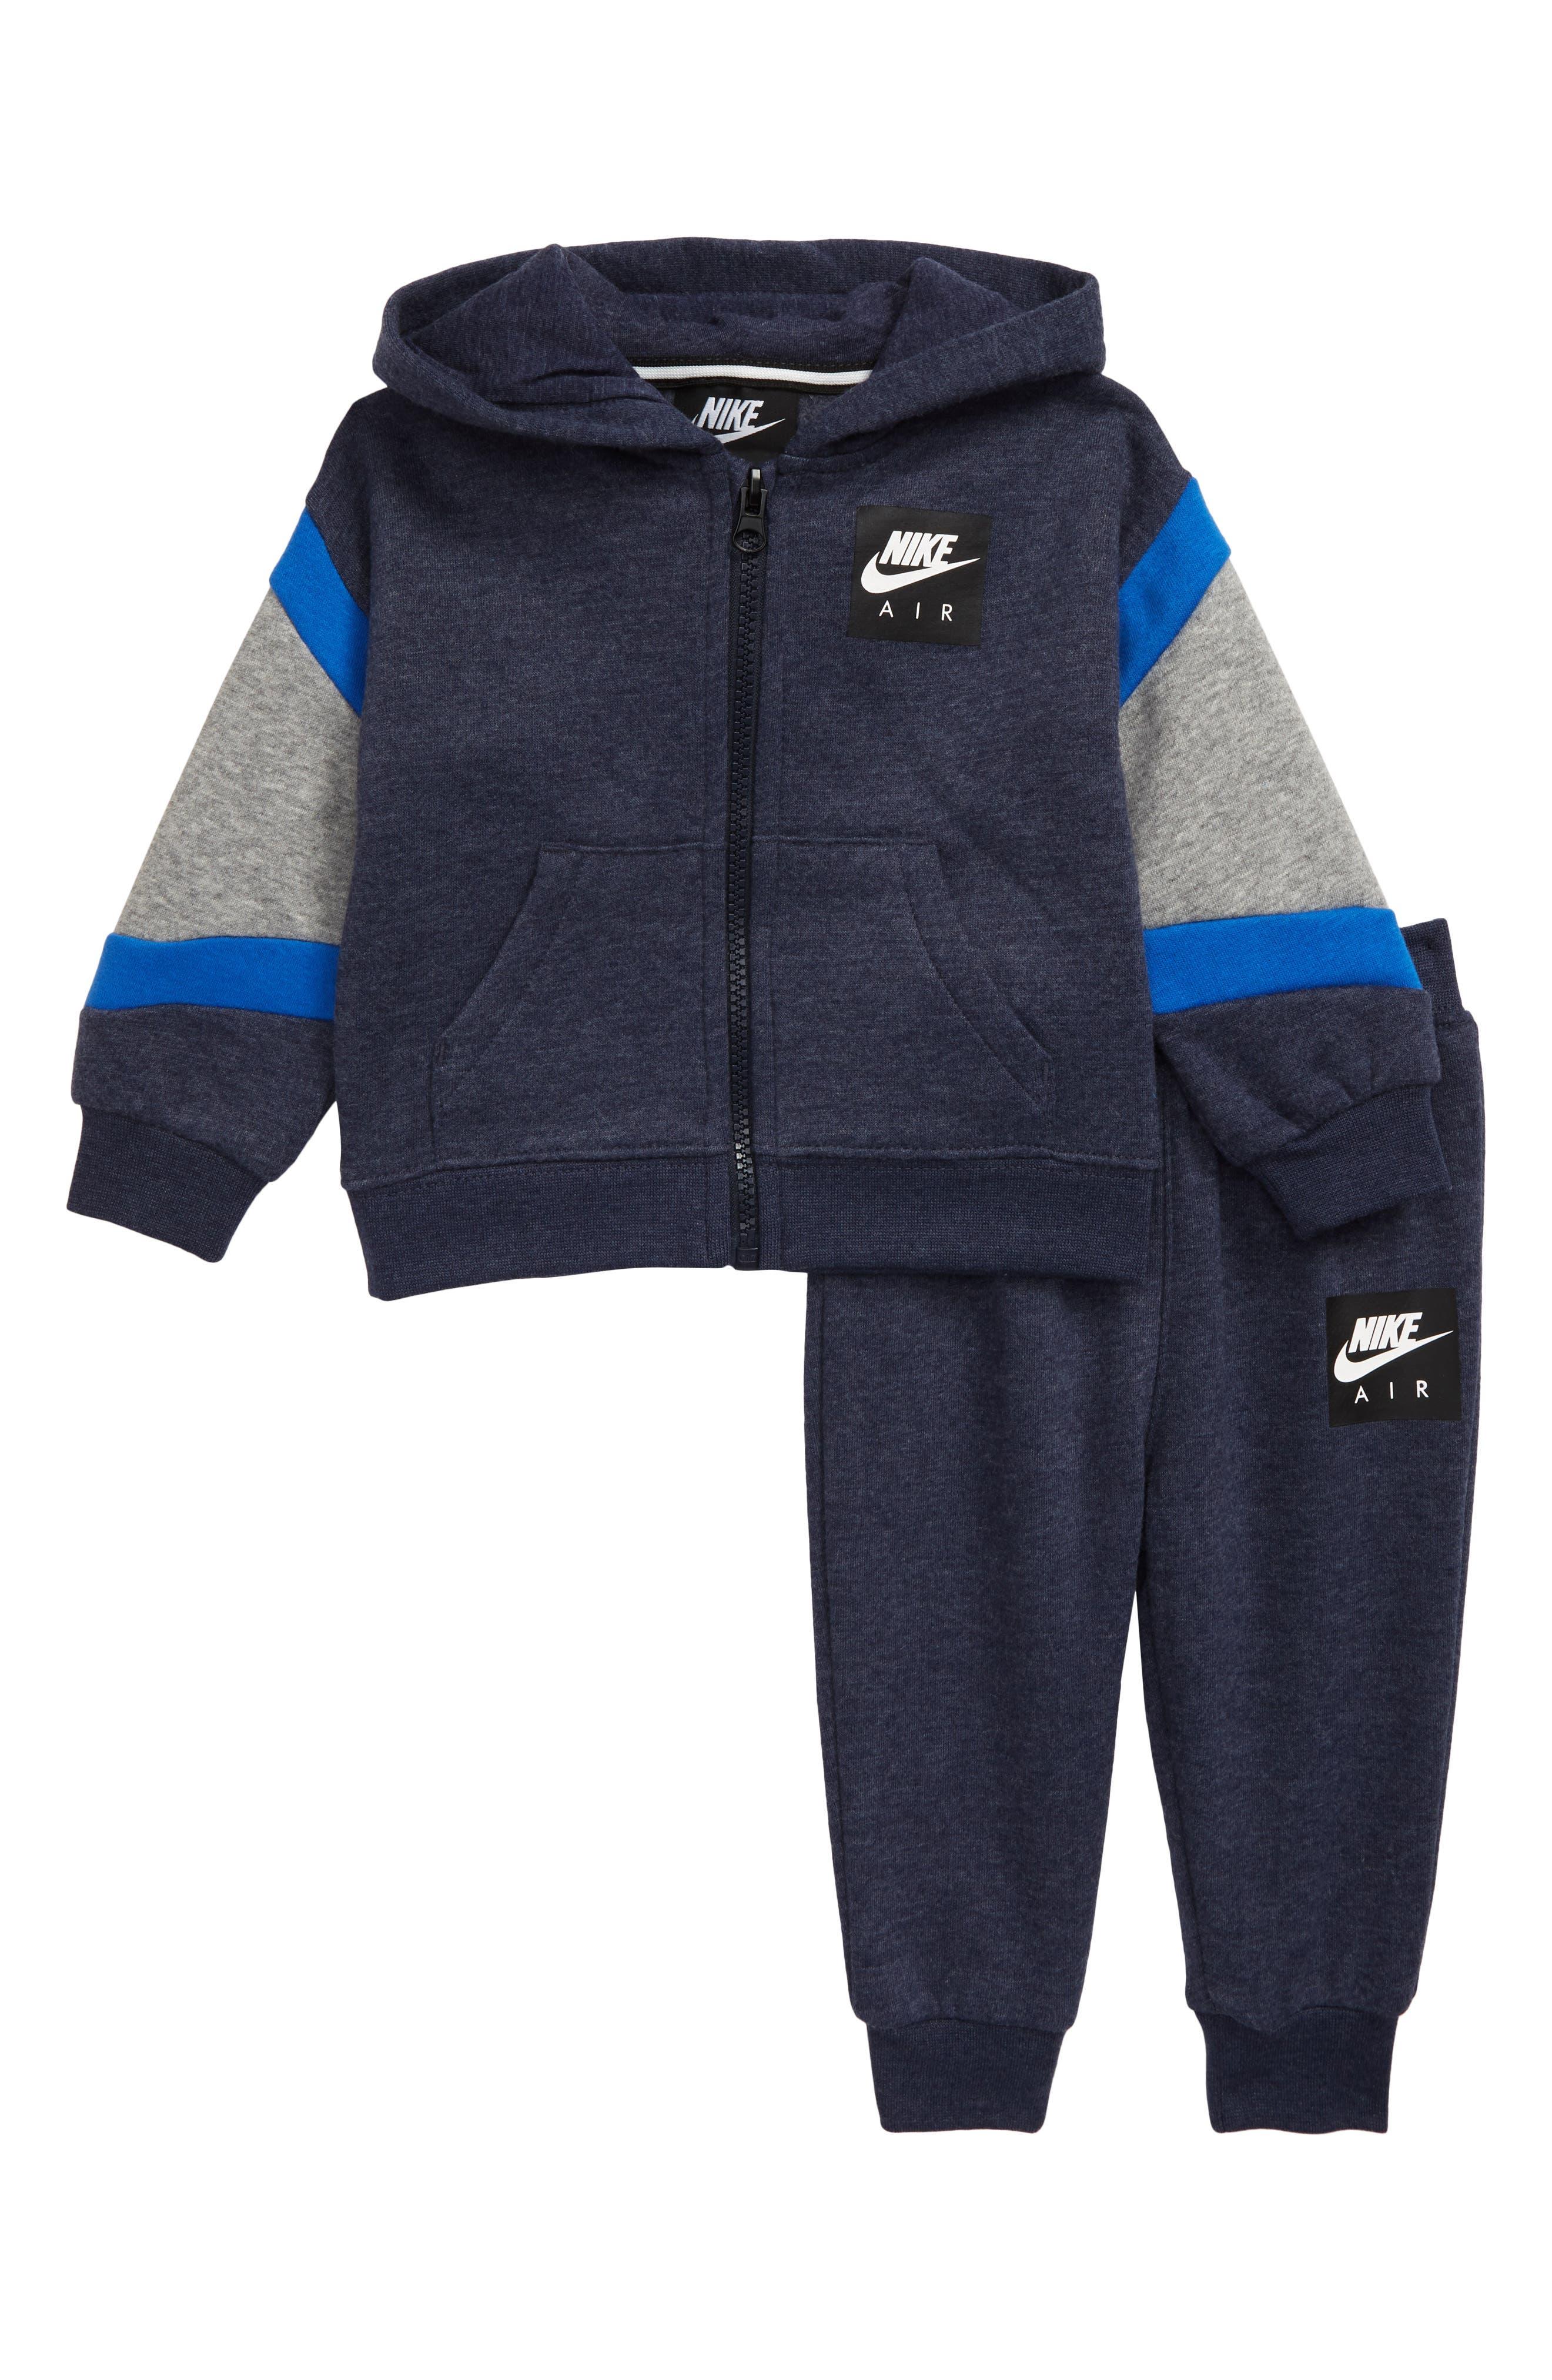 Infant Boys Nike Air Fleece Zip Hoodie  Sweatpants Set